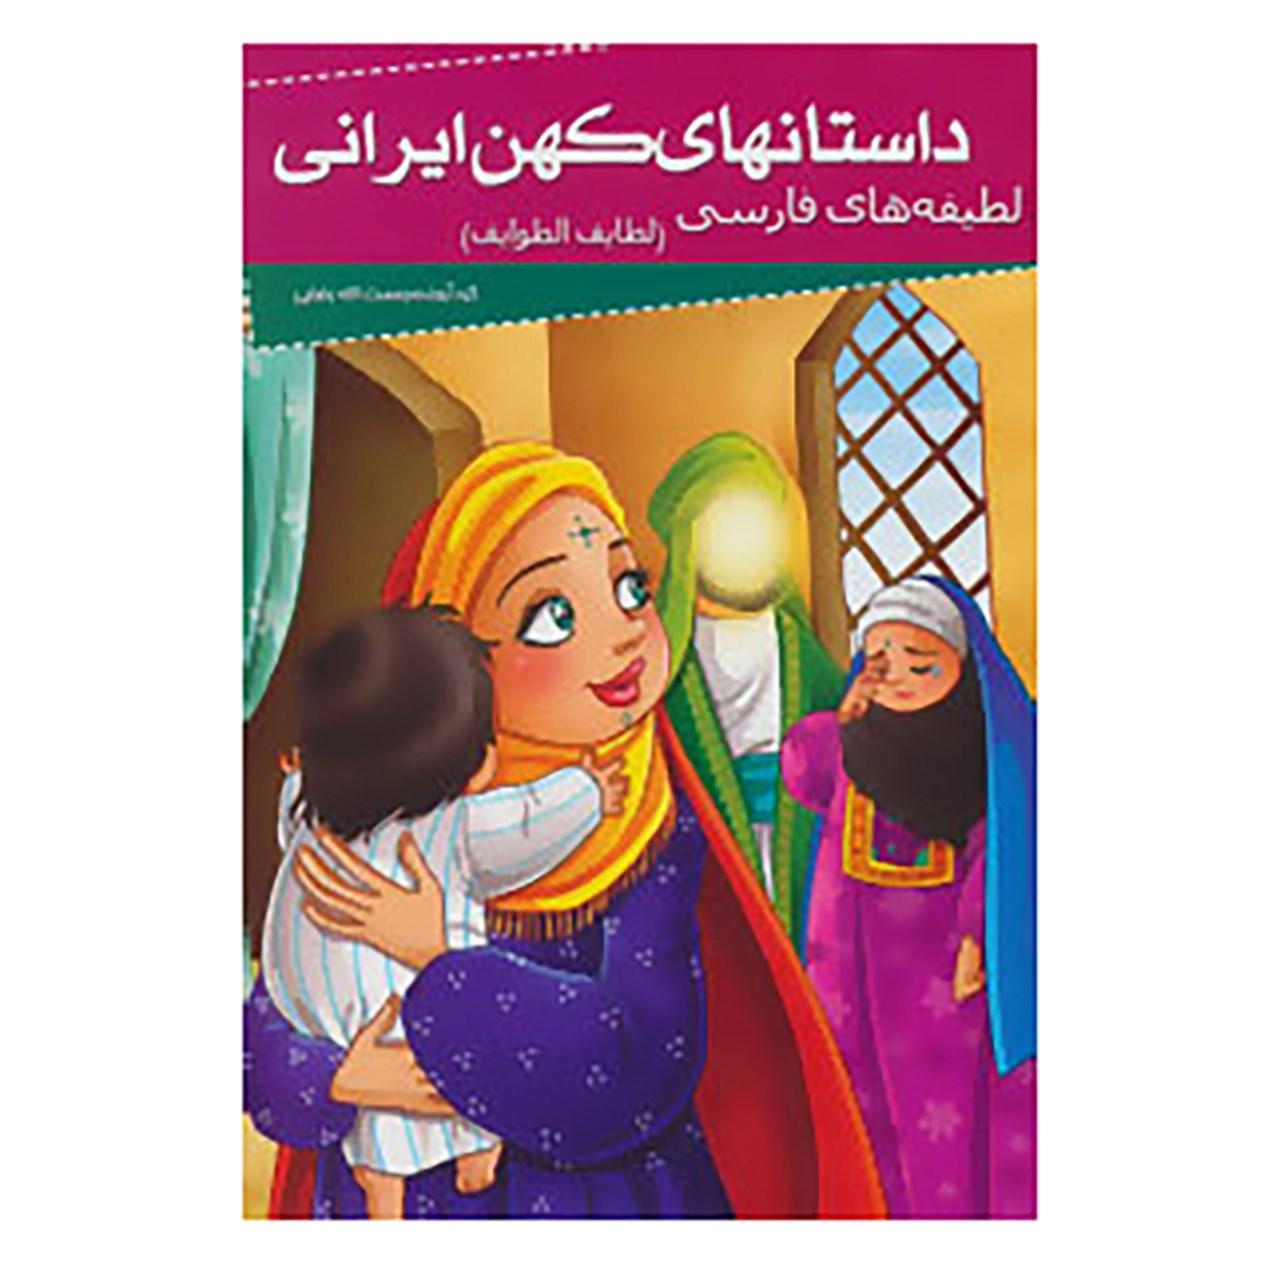 کتاب داستانهای کهن ایرانی اثر علی بن حسین فخرالدین صفی